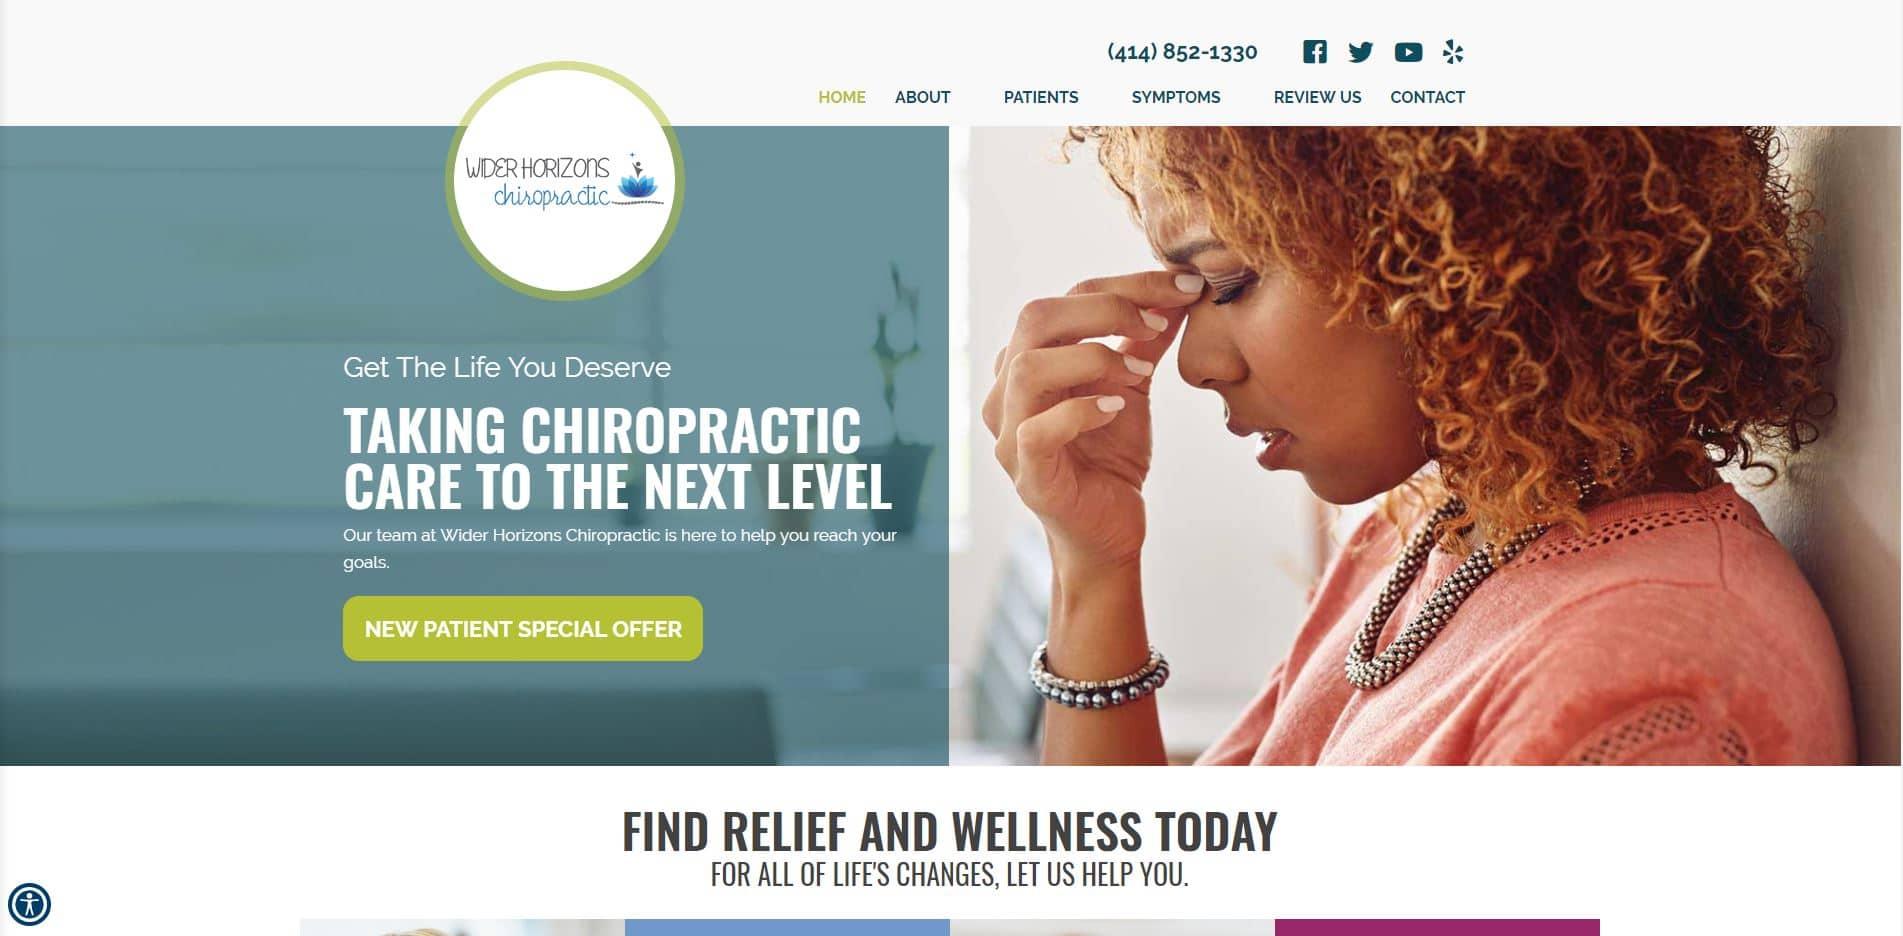 Chiropractor in Wauwatosa